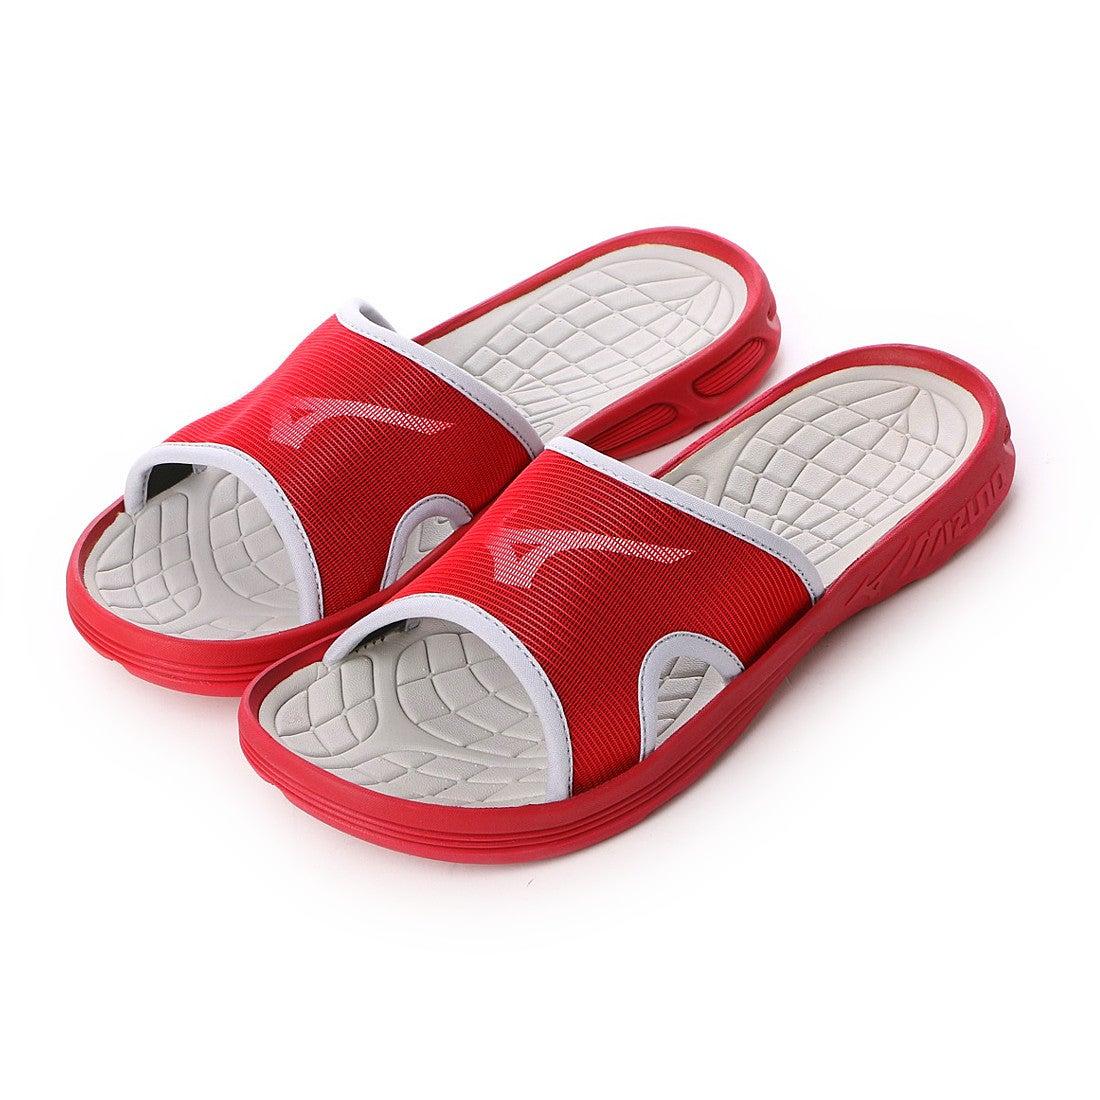 ロコンド 靴とファッションの通販サイトミズノ MIZUNO ユニセックス 野球 サンダル リラックススライド 11GJ156062 502